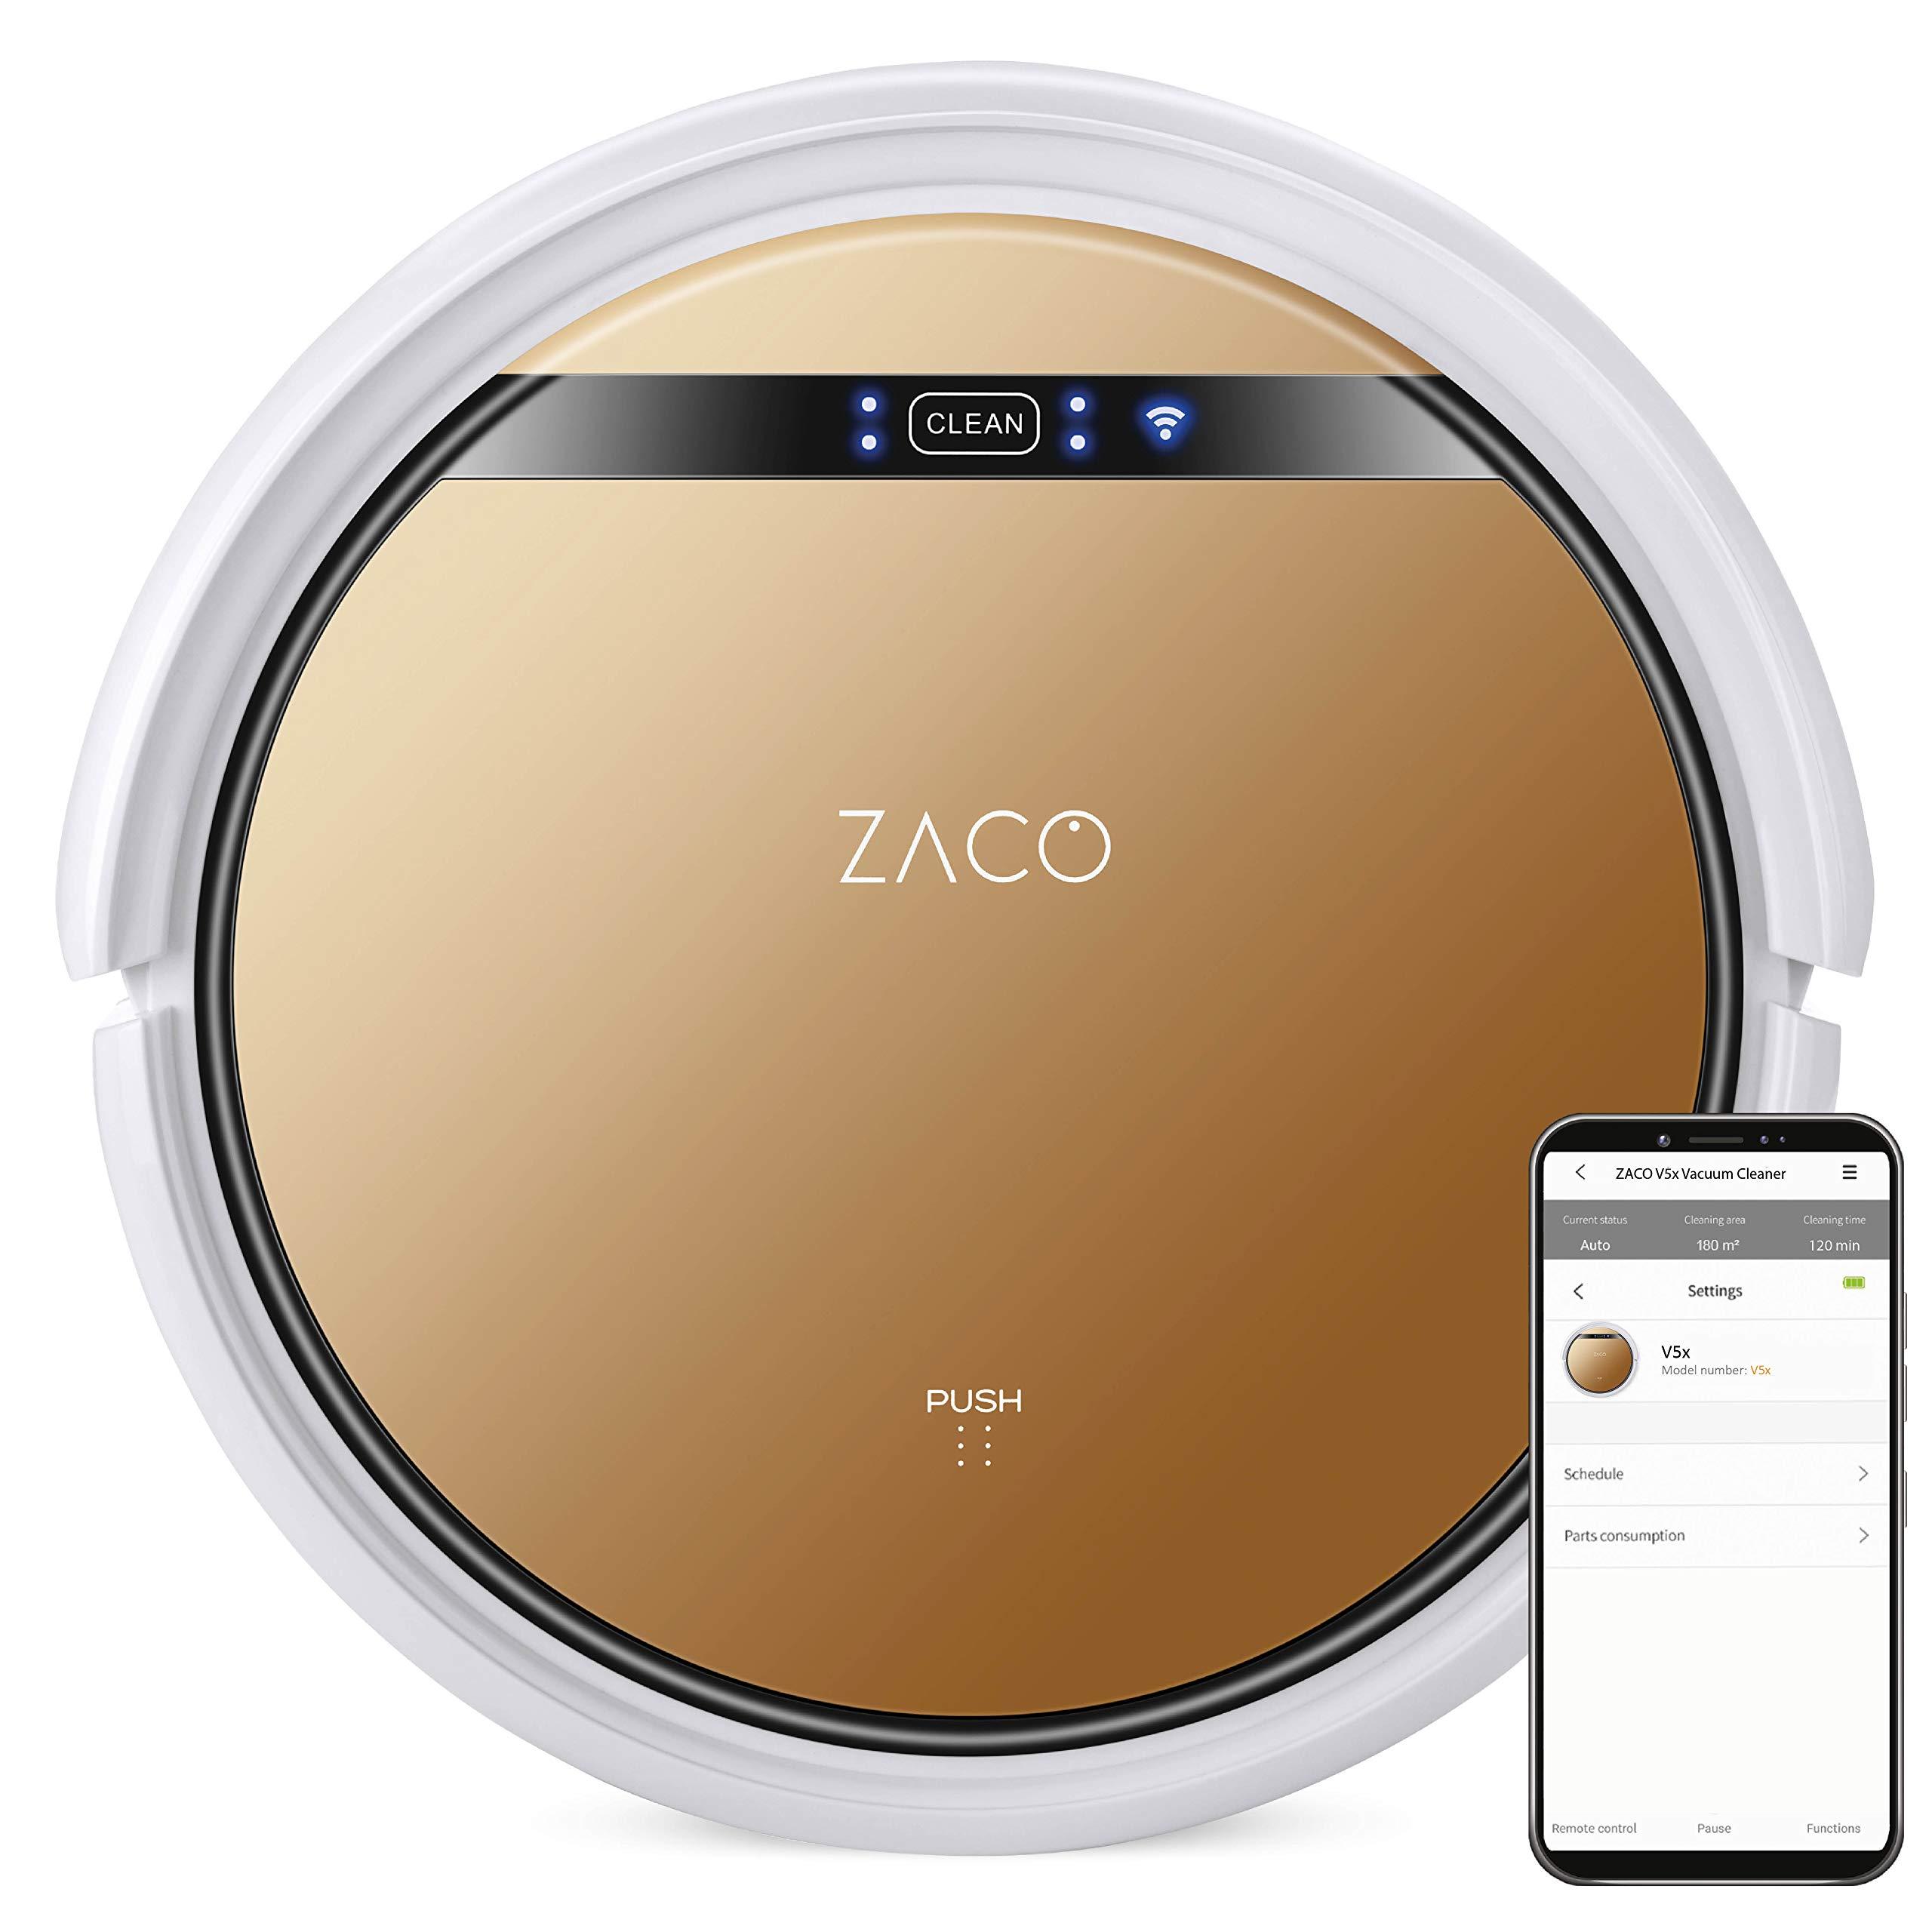 ZACO V5x Saugroboter mit Wischfunktion, App & Alexa Steuerung, 8,1 cm flach, für Hartböden & Teppich